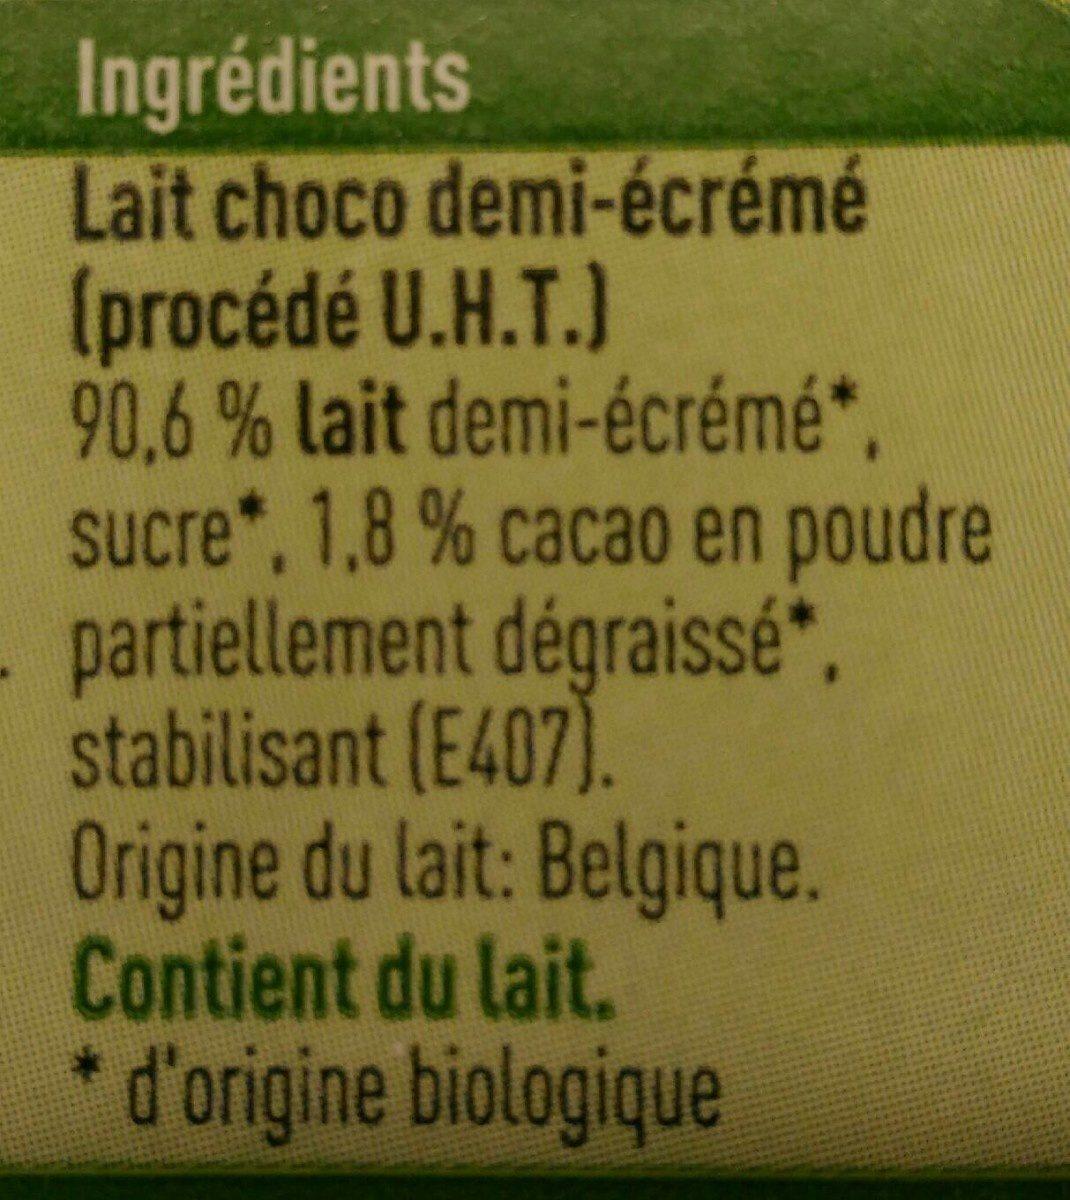 Lait chocolat bio - Ingrediënten